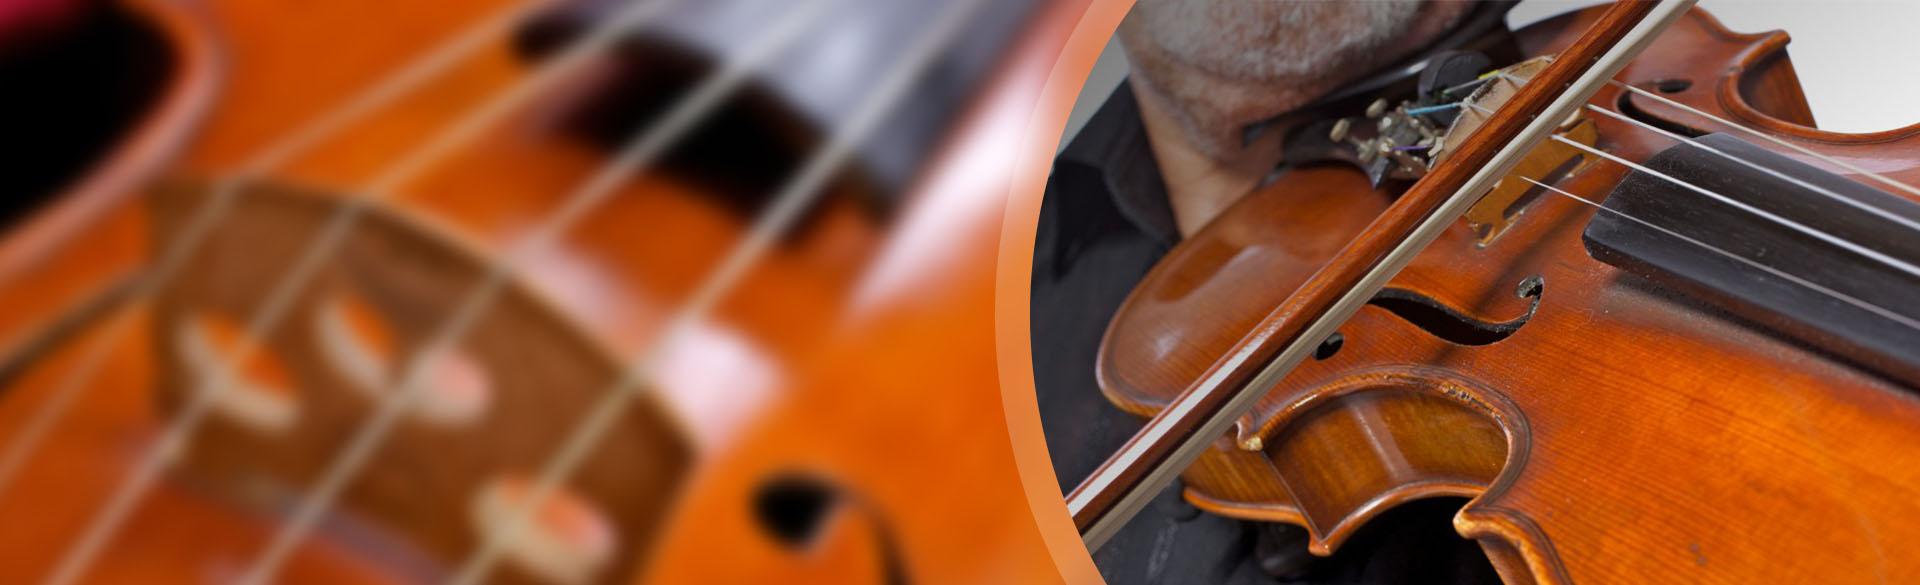 התזמורת האנדלוסית - אווירה